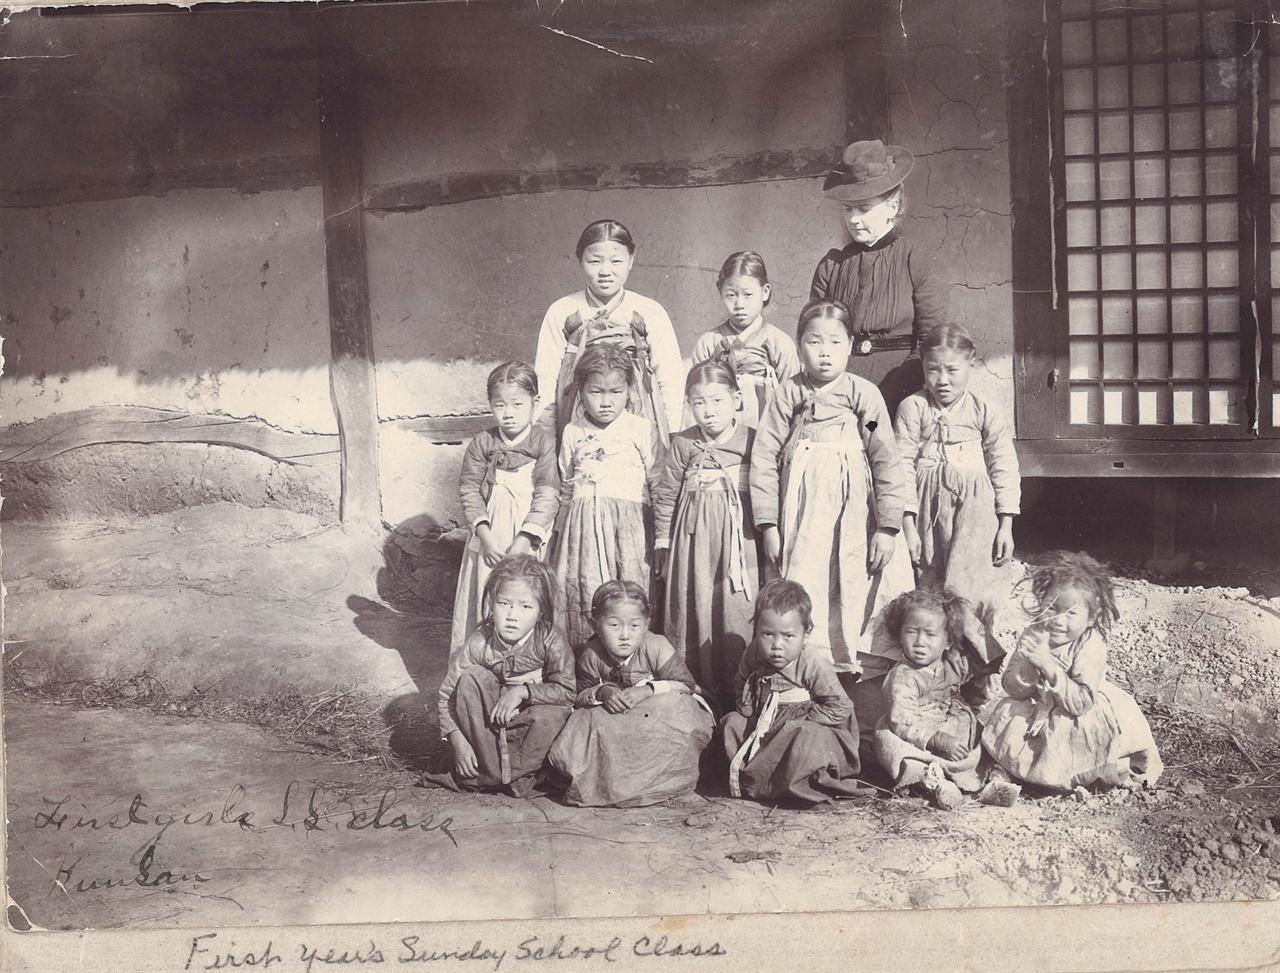 메리 레이번 여선교사와 초창기 군산 주일학교 학생들